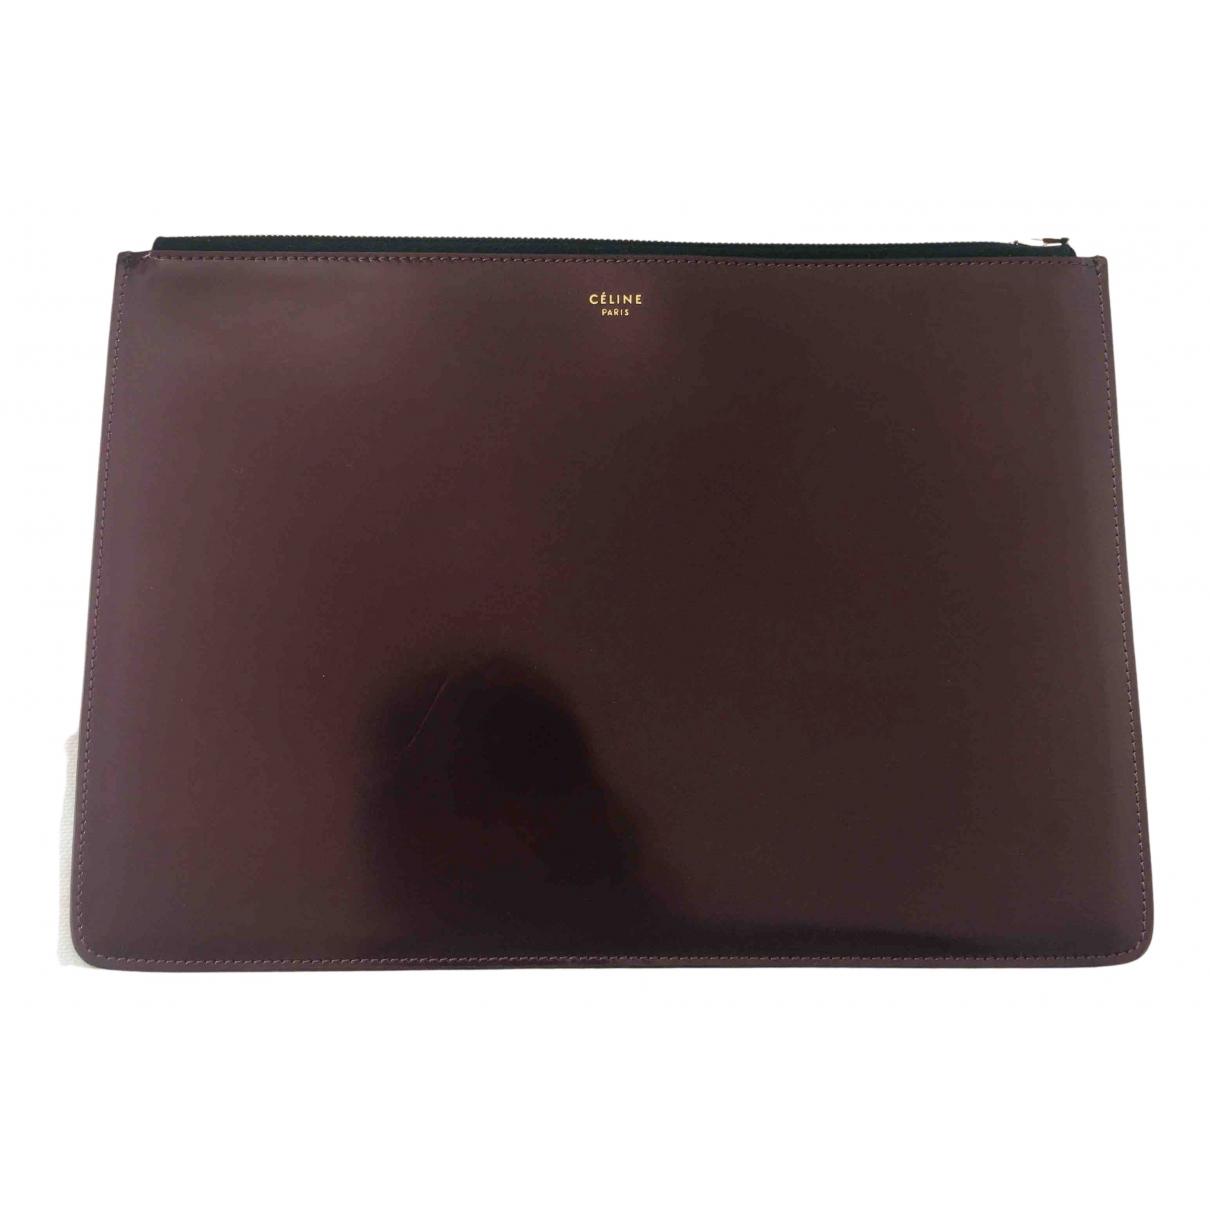 Celine N Burgundy Leather Clutch bag for Women N